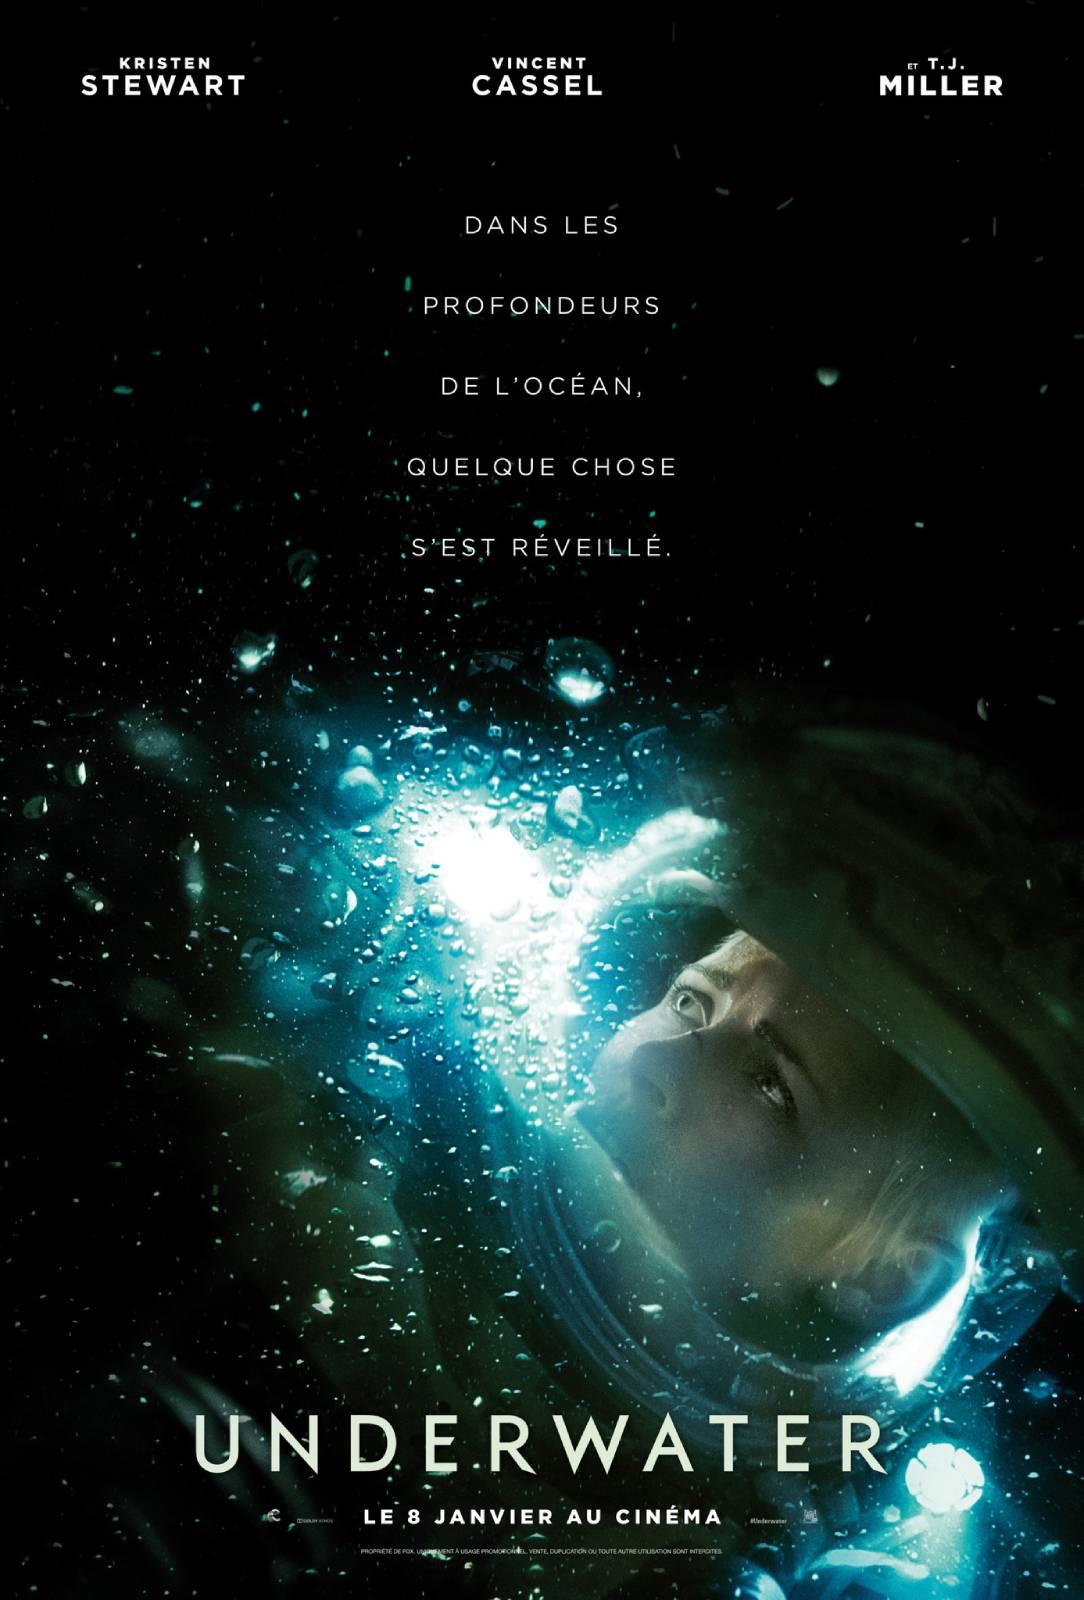 affiche du film Underwater